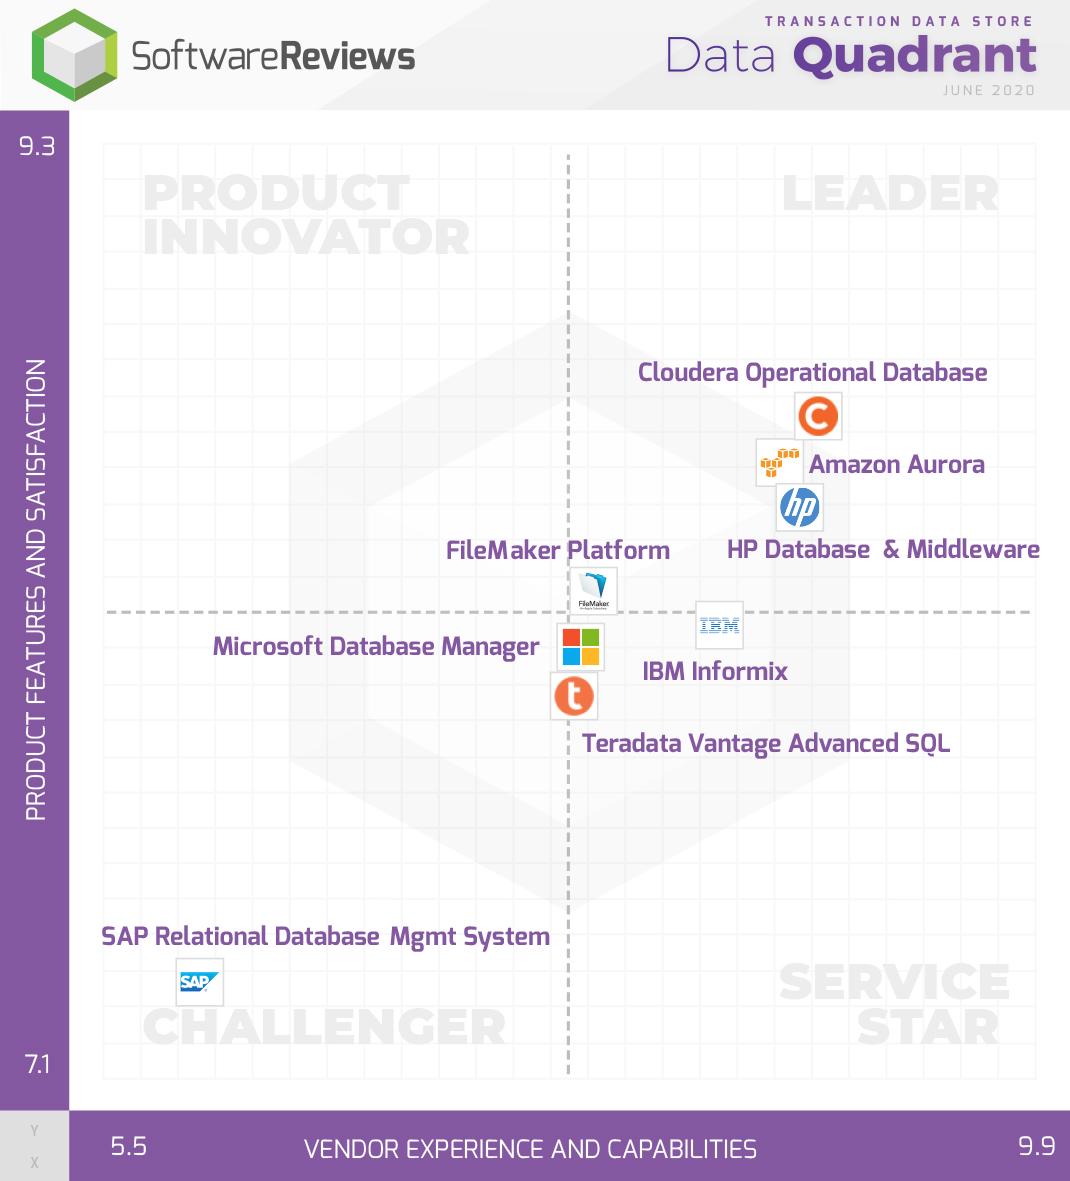 Transaction Data Store Data Quadrant